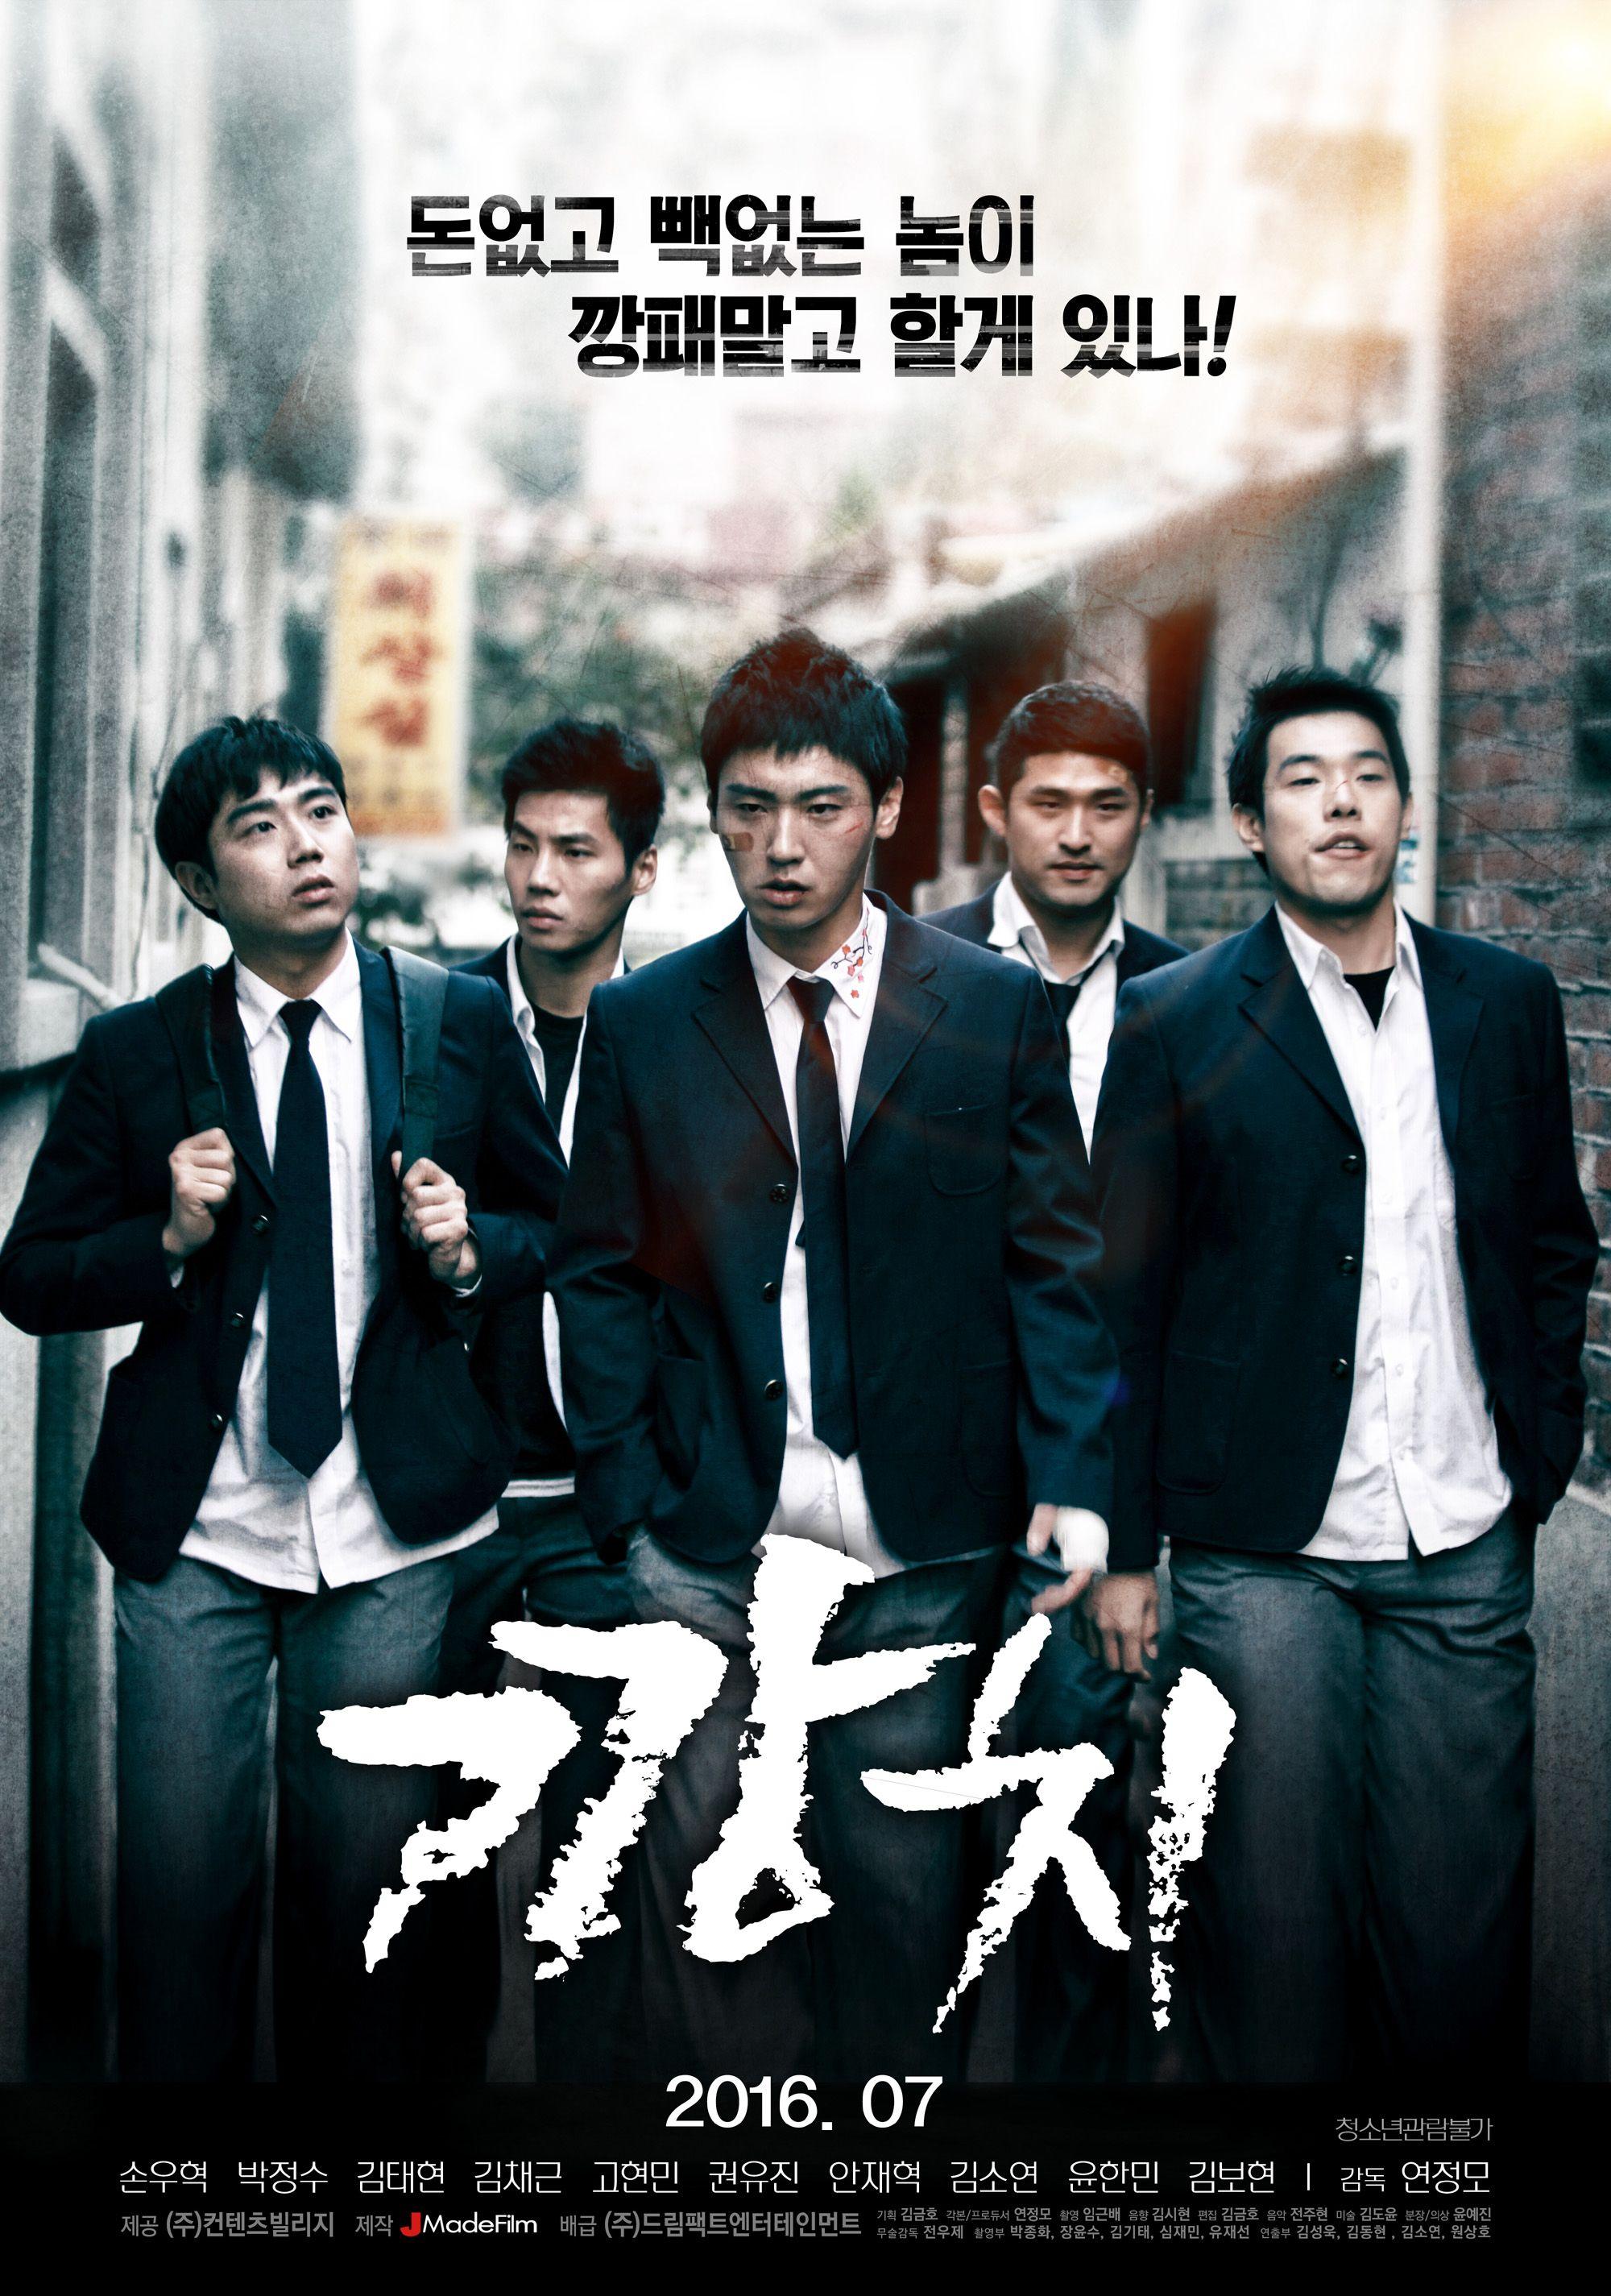 영화 깡치 다시보기 720p.2016.HDRip.AC3.H264-GRUKI.mp4 무료보기